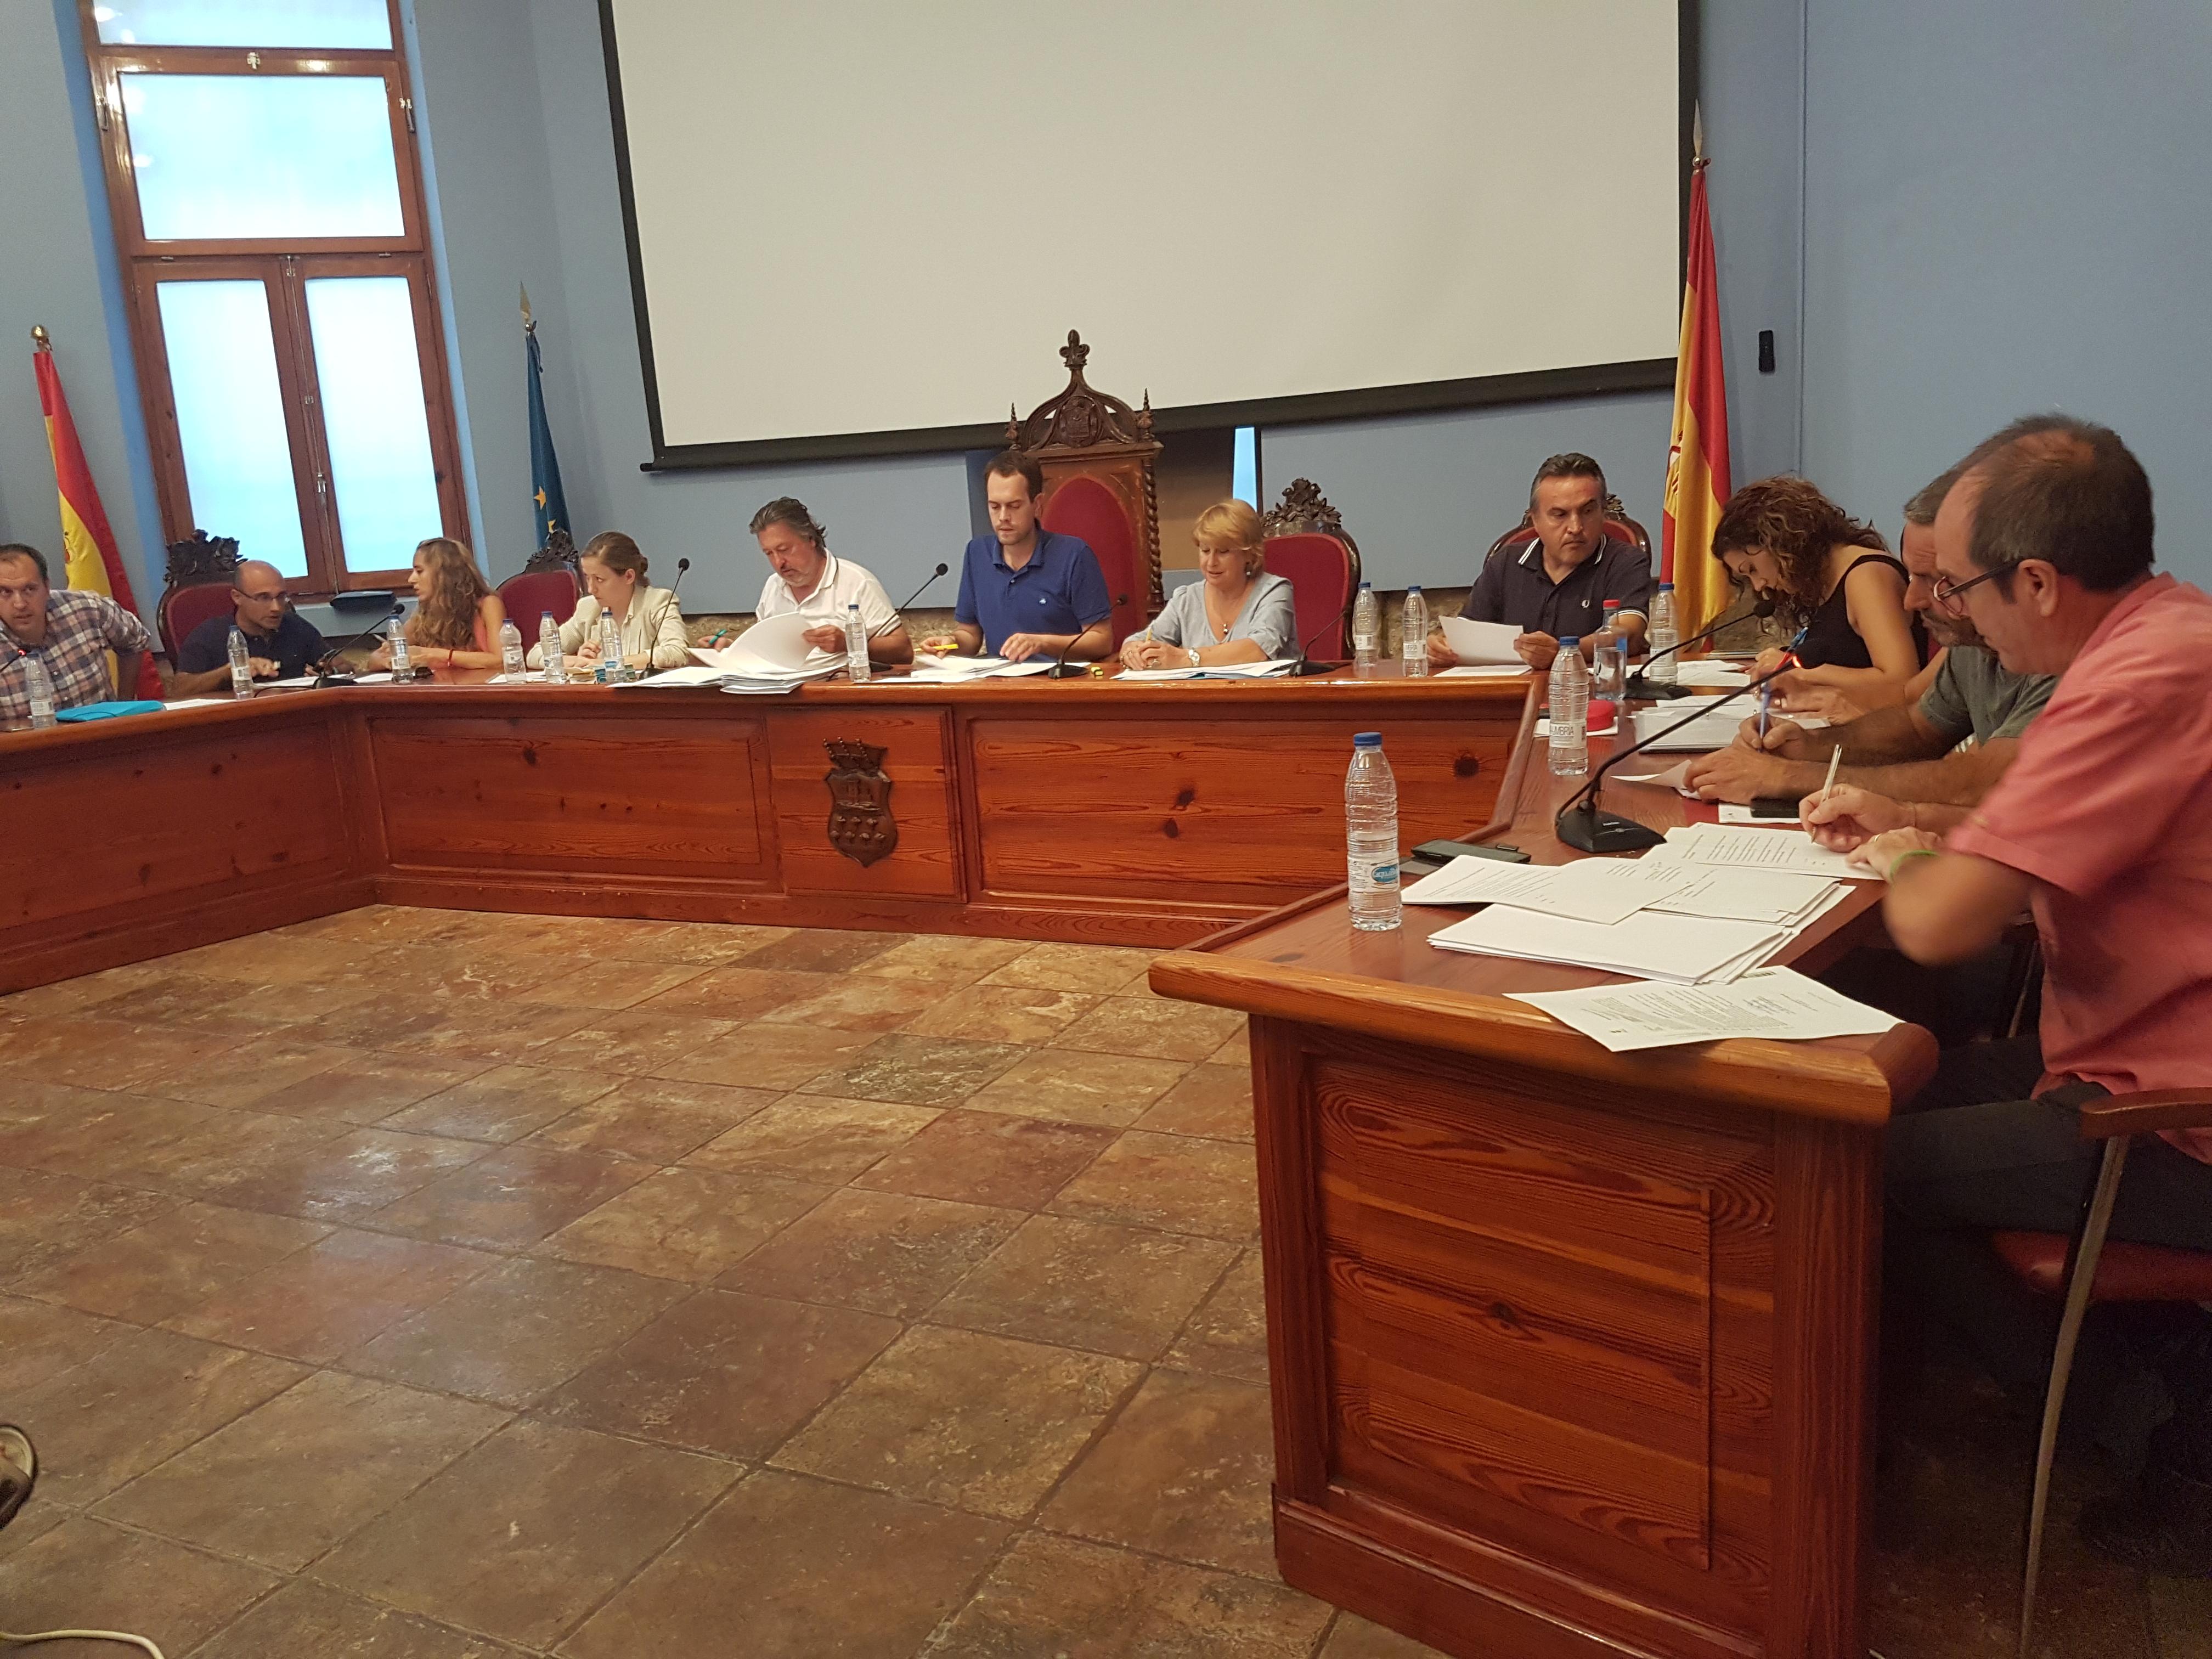 La votación salió adelante con los votos favorables del Equipo de Gobierno (PSOE, EU y Compromís) y la abstención del Partido Popular.